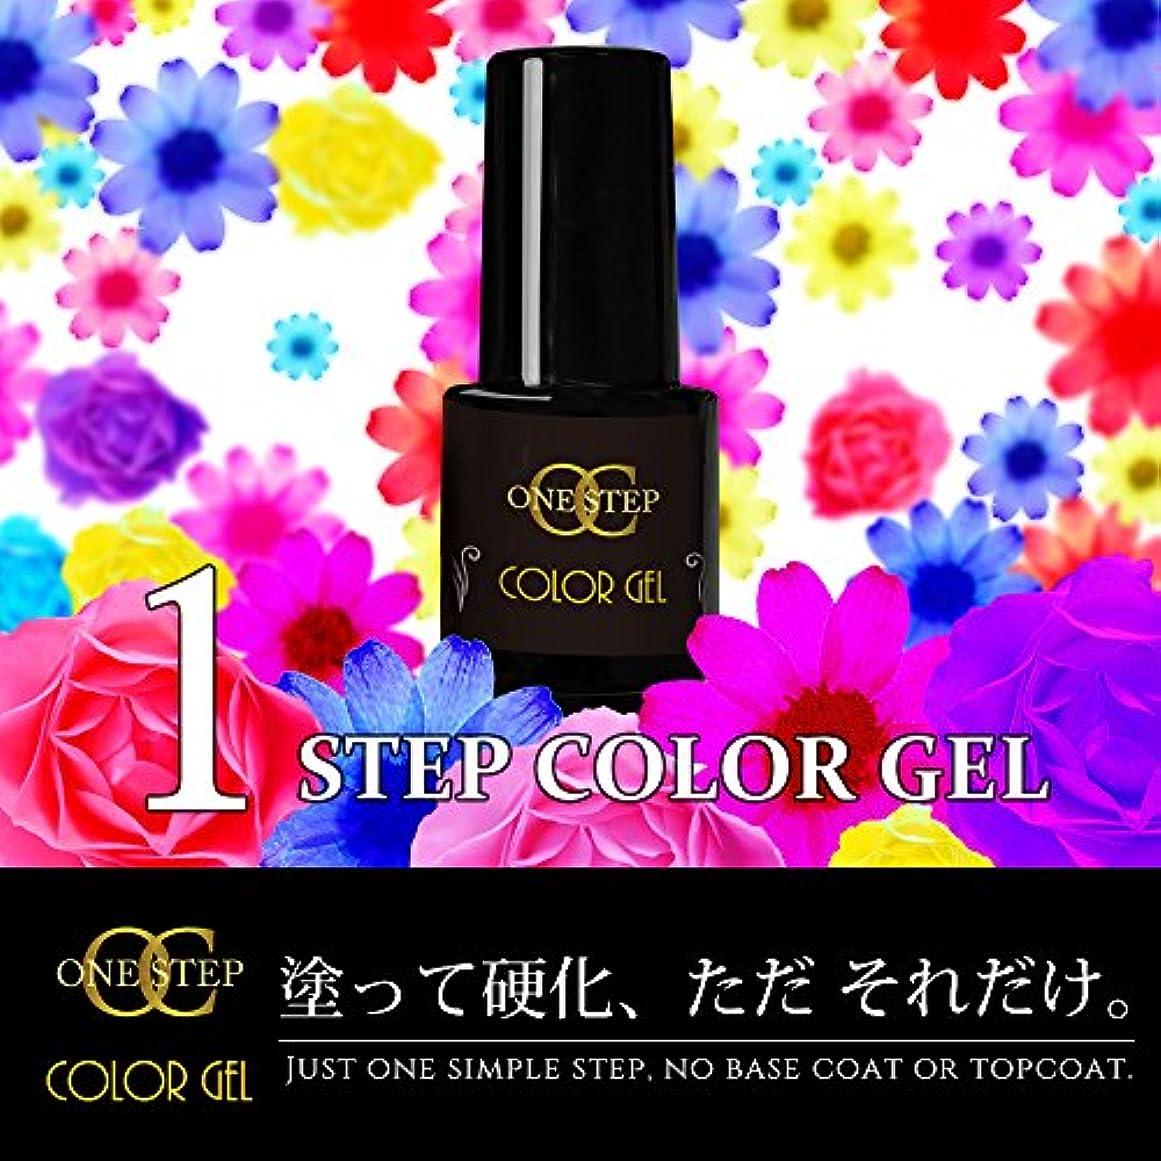 一元化する大胆なストロークジェルネイル《塗って硬化させるだけ!》ワンステップカラージェル (5g) (D-03 / L528N)